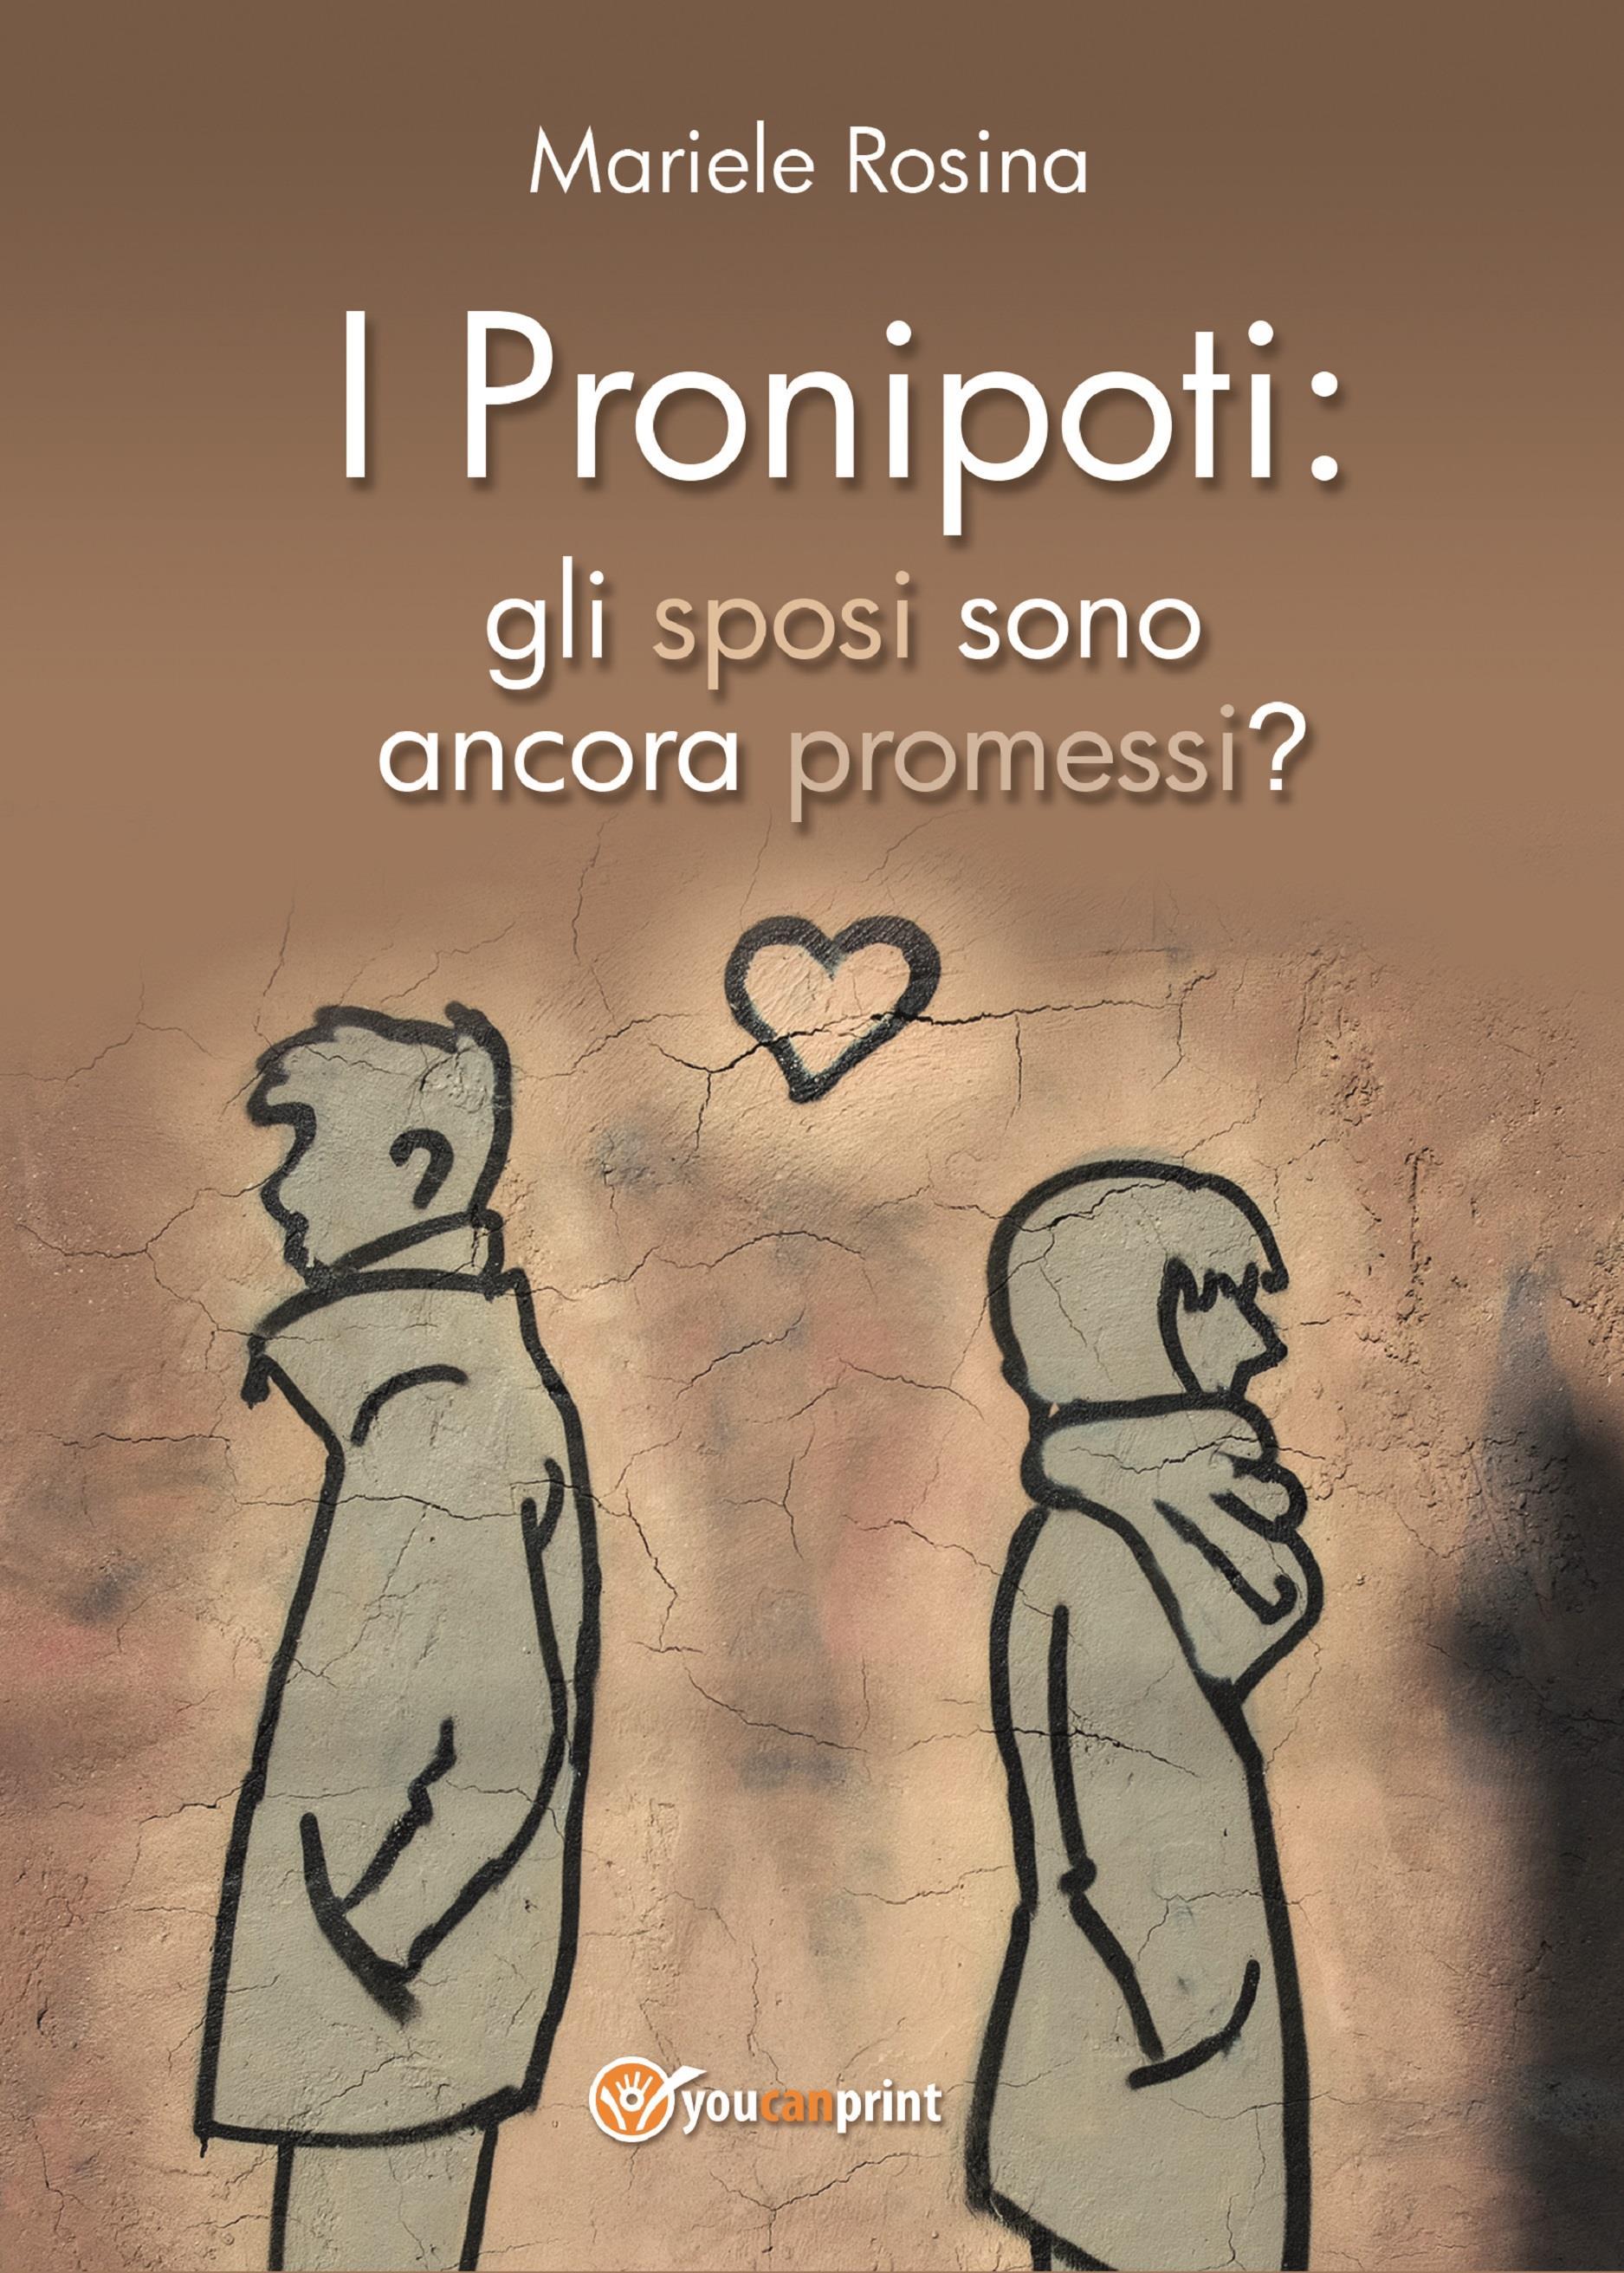 I pronipoti: gli sposi sono ancora promessi?